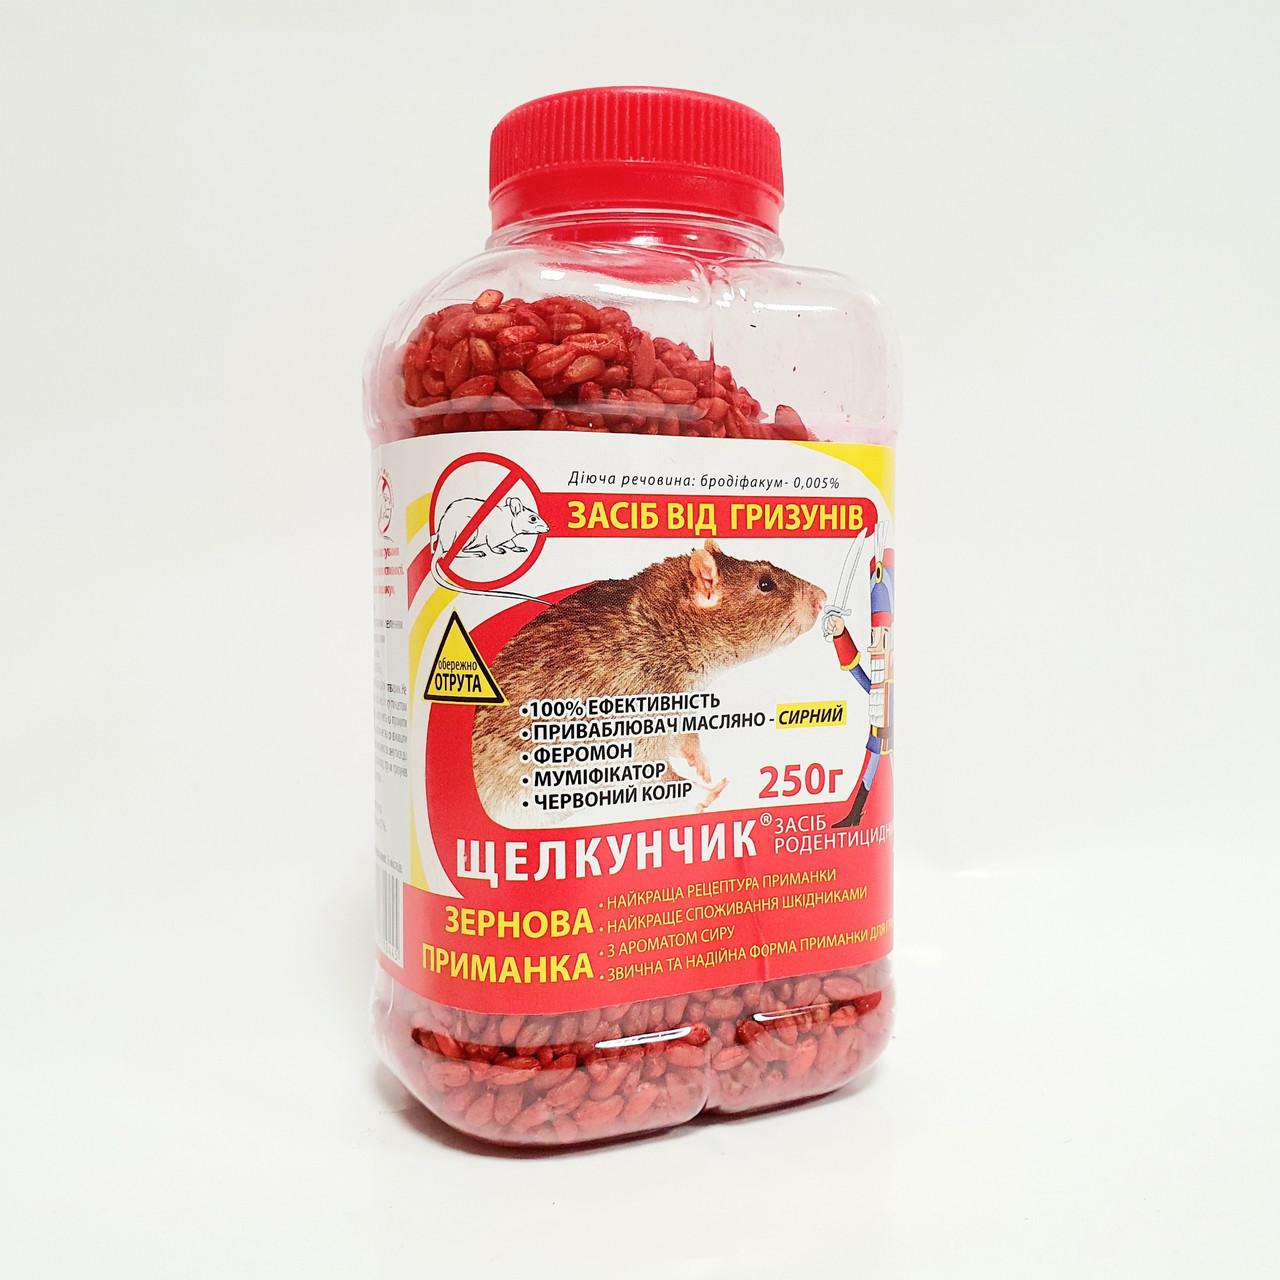 Зерновая приманка от крыс и мышей Щелкунчик 250 г Агромаг 1555